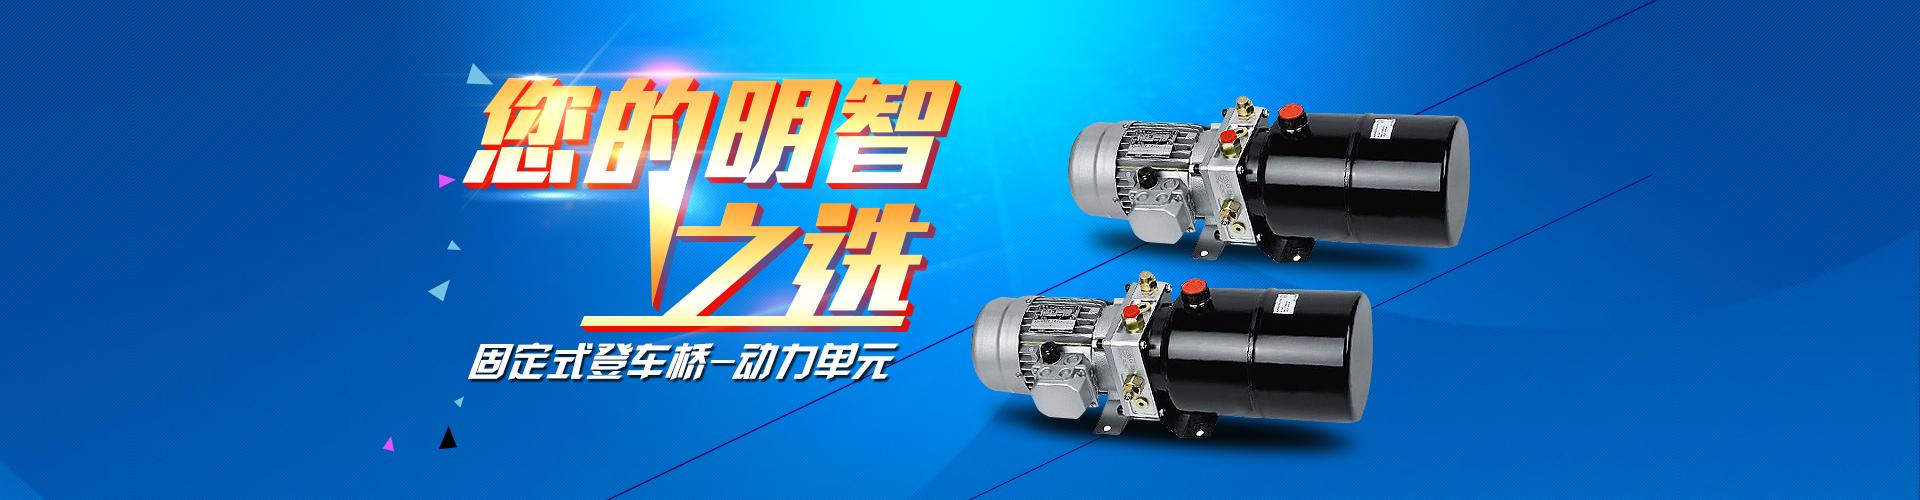 gu定蔶iang浅祋iao动力单元、fang爆型登车qiao动力单元